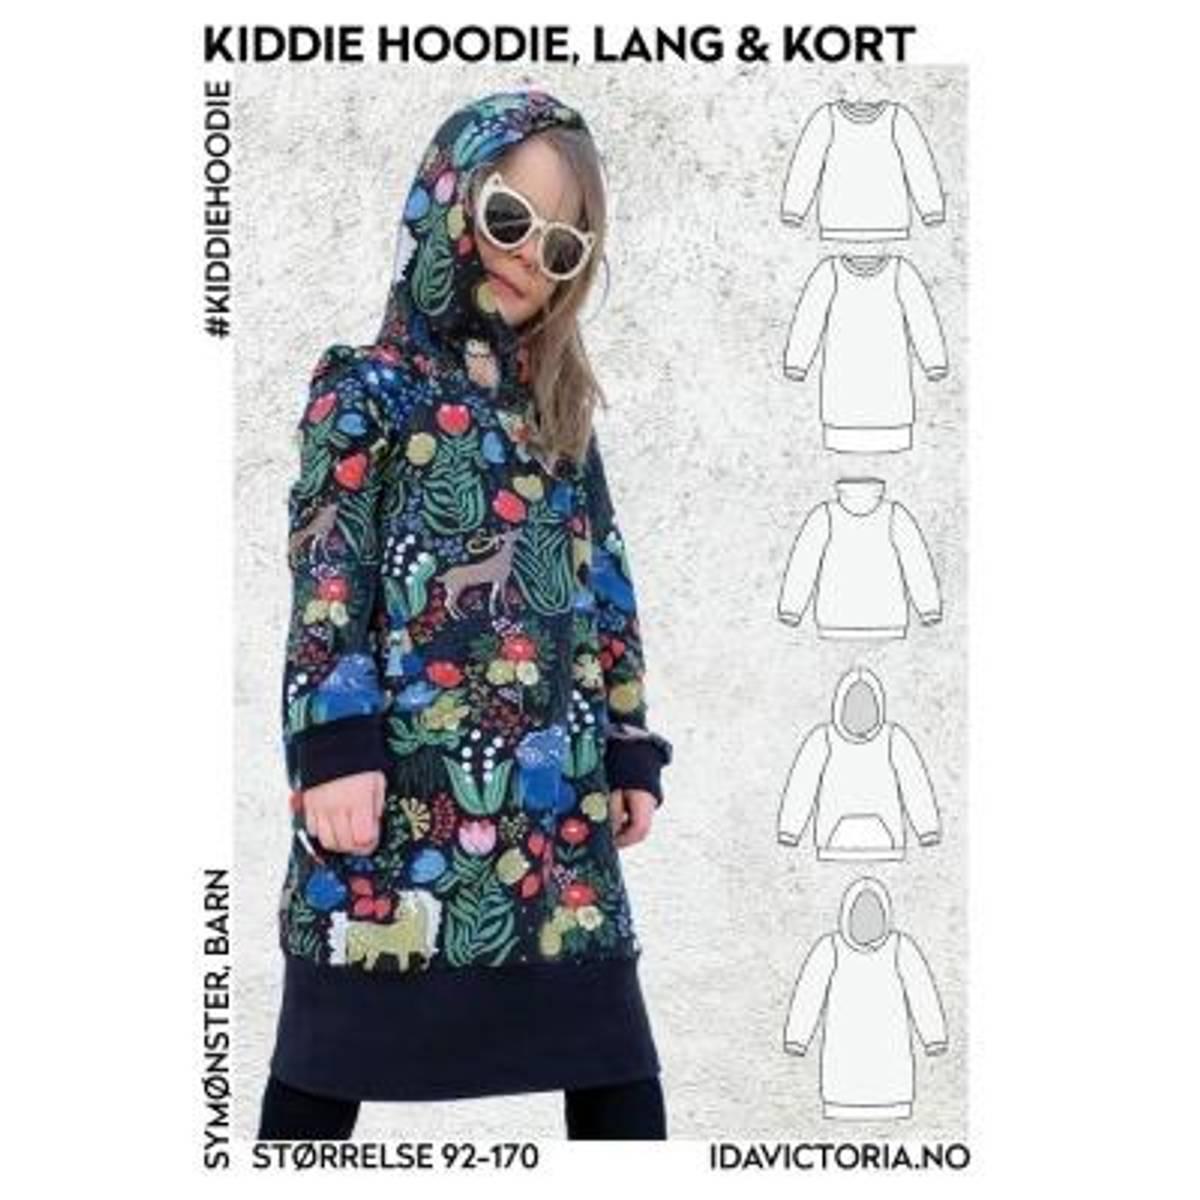 Kiddie Hoodie – lang & kort genser (92-170)